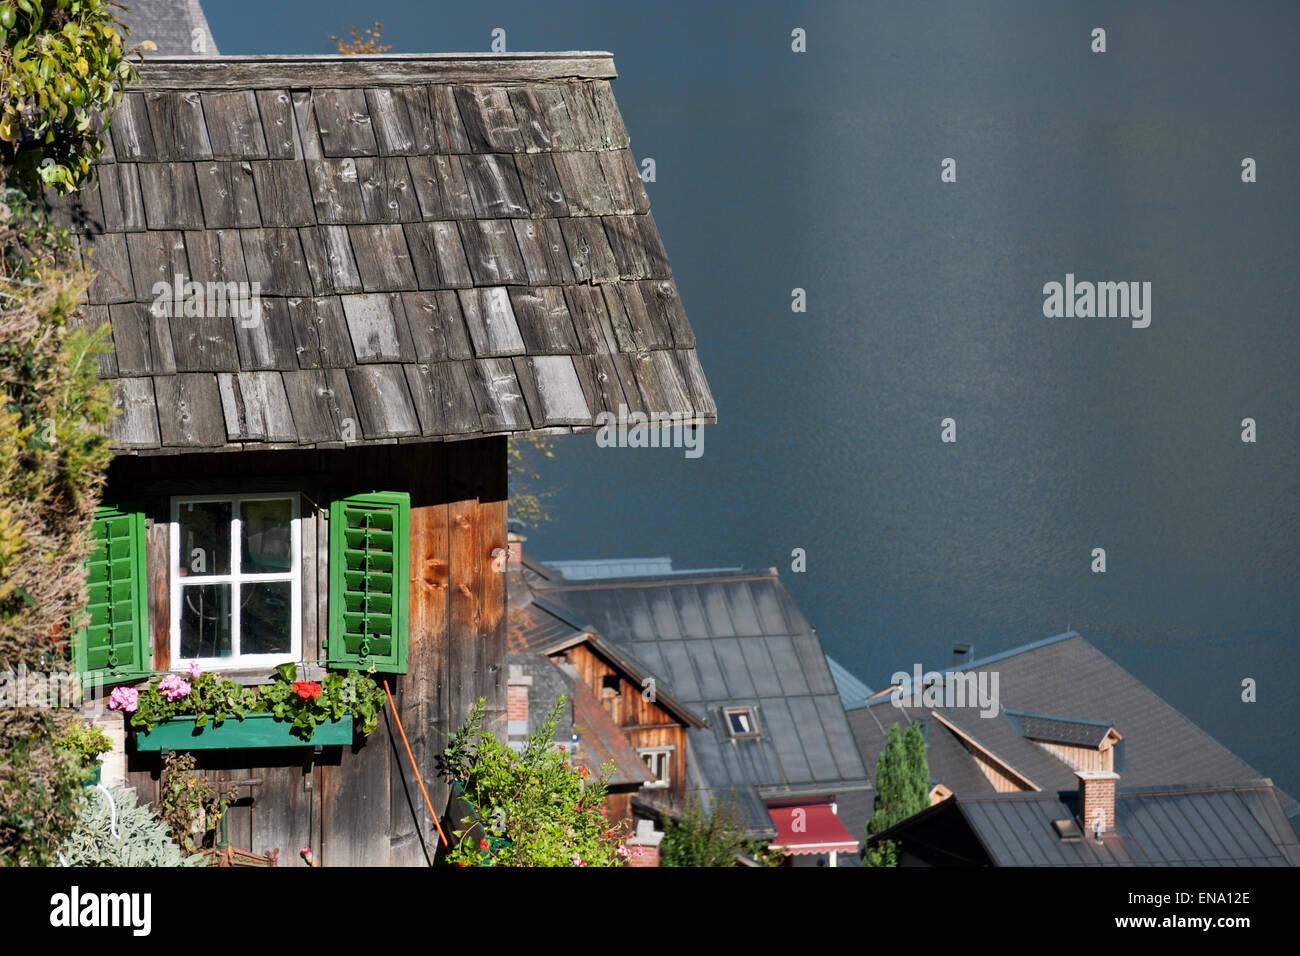 Holzhütte mit Fenster, Blumen und grünen Fensterläden über Hallstatt, Salzkammergut, Austria - Stock Image